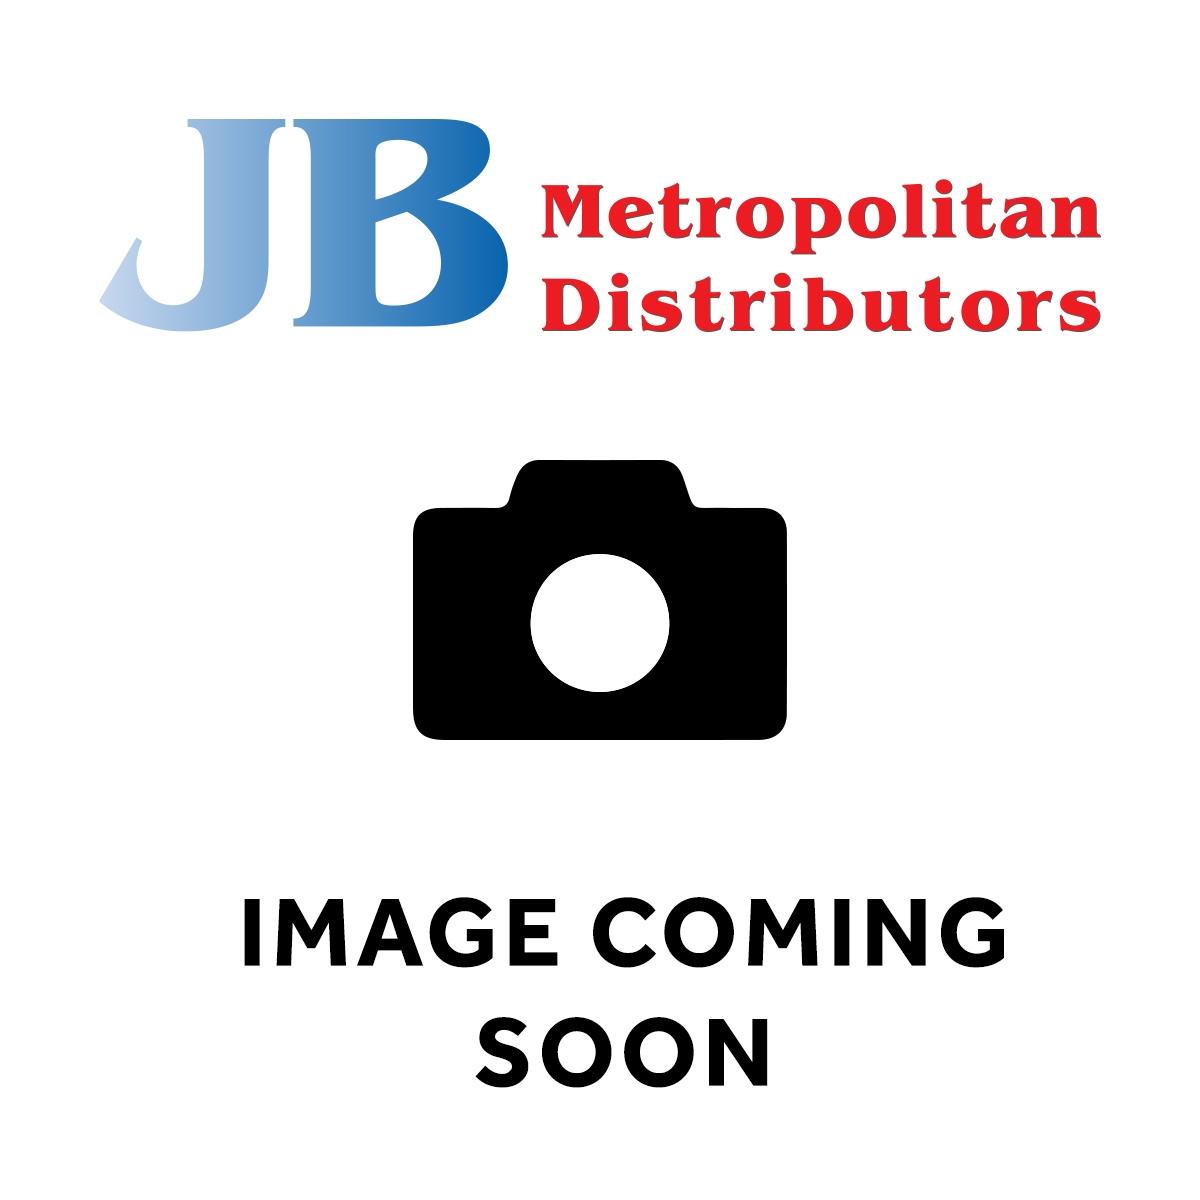 10PK LIBRA PADS INVISIBLE SUPER